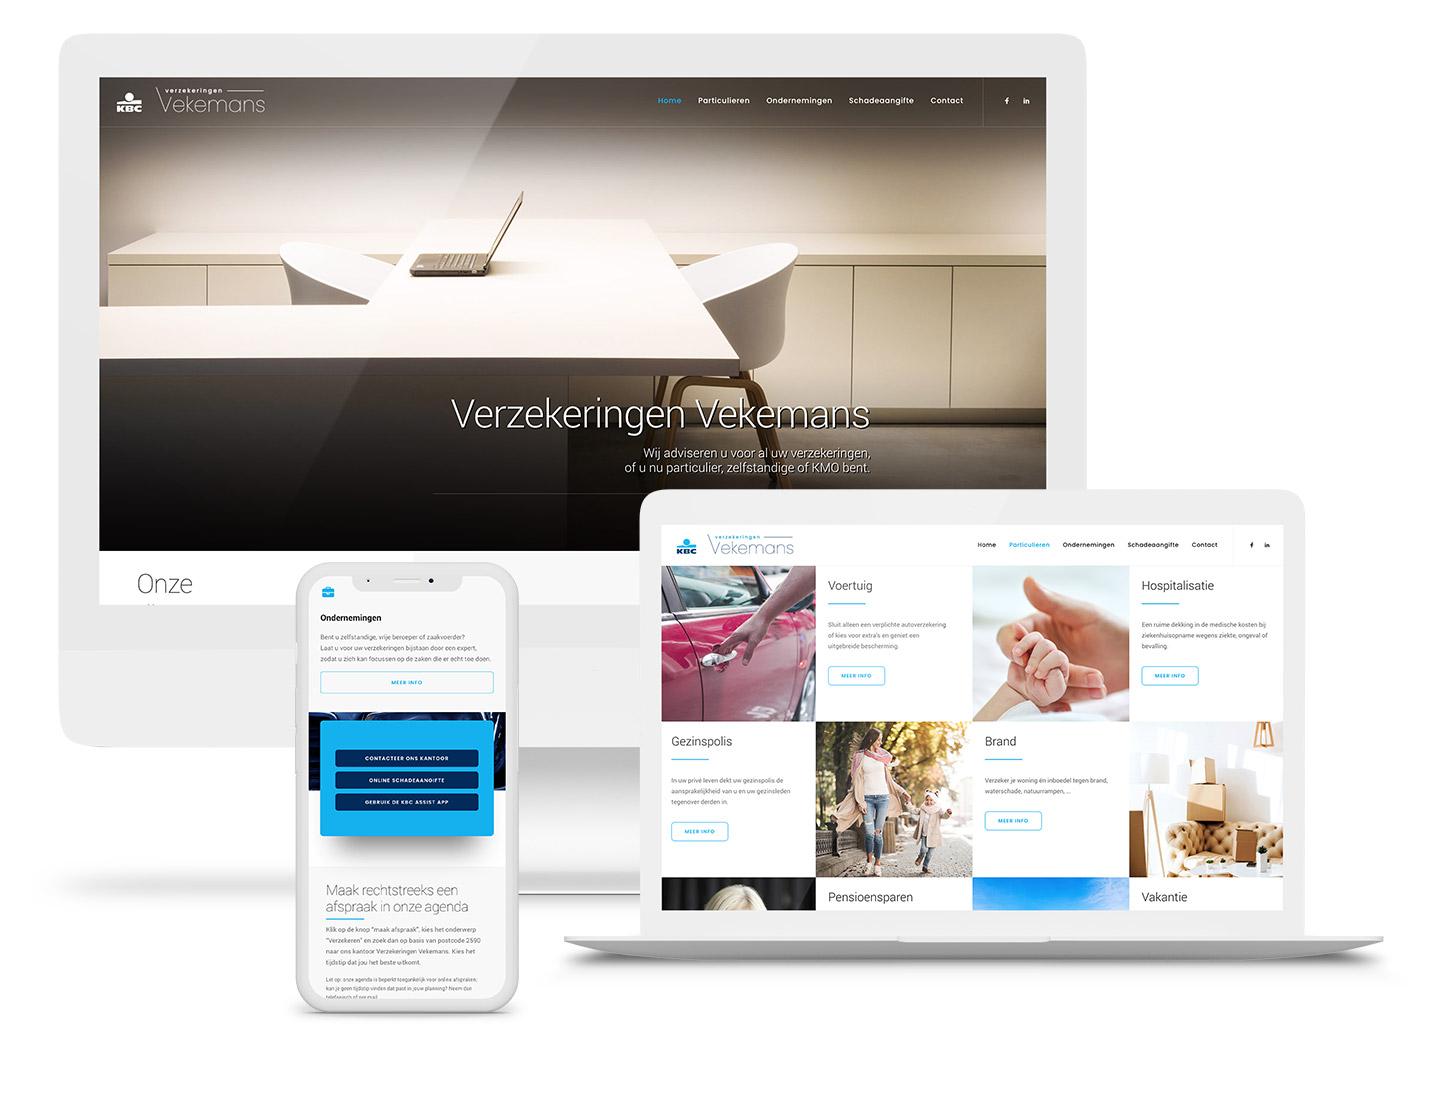 Voorbeeld van een nieuwe website die Key2info ontwerpen heeft voor KBC Verzekeringen Vekemans